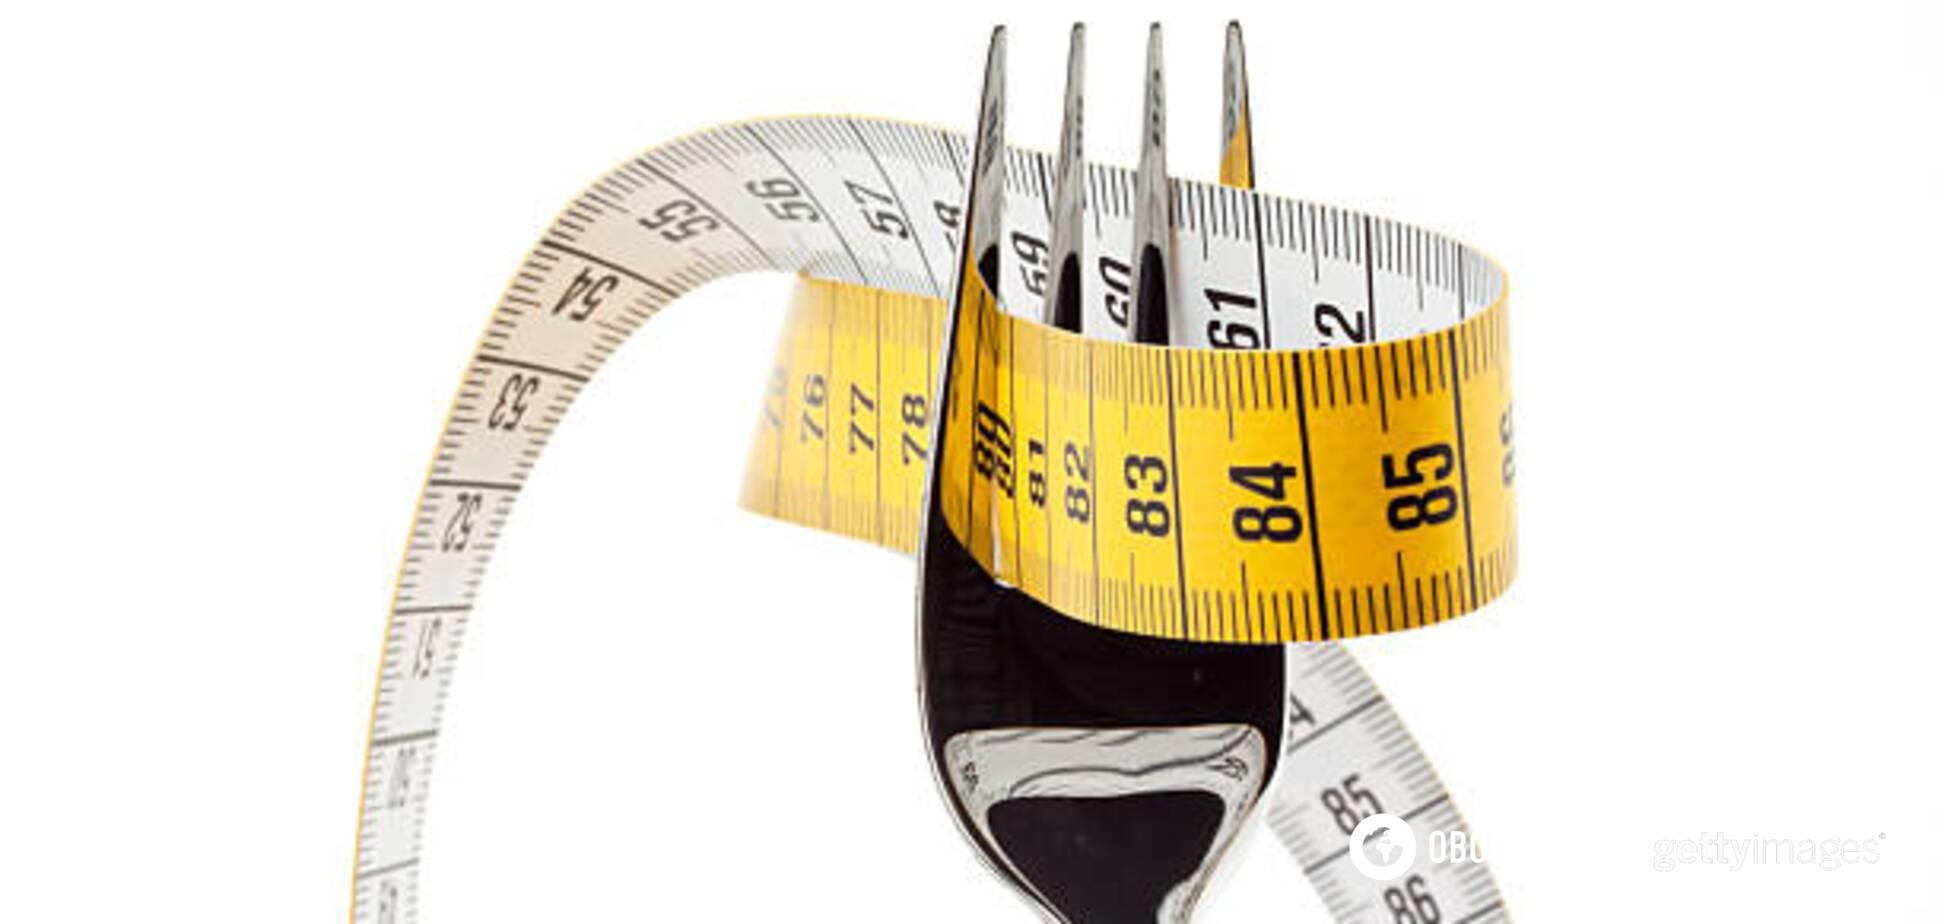 Не верьте рекламе: диетологи рассказали, как определить хорошего специалиста